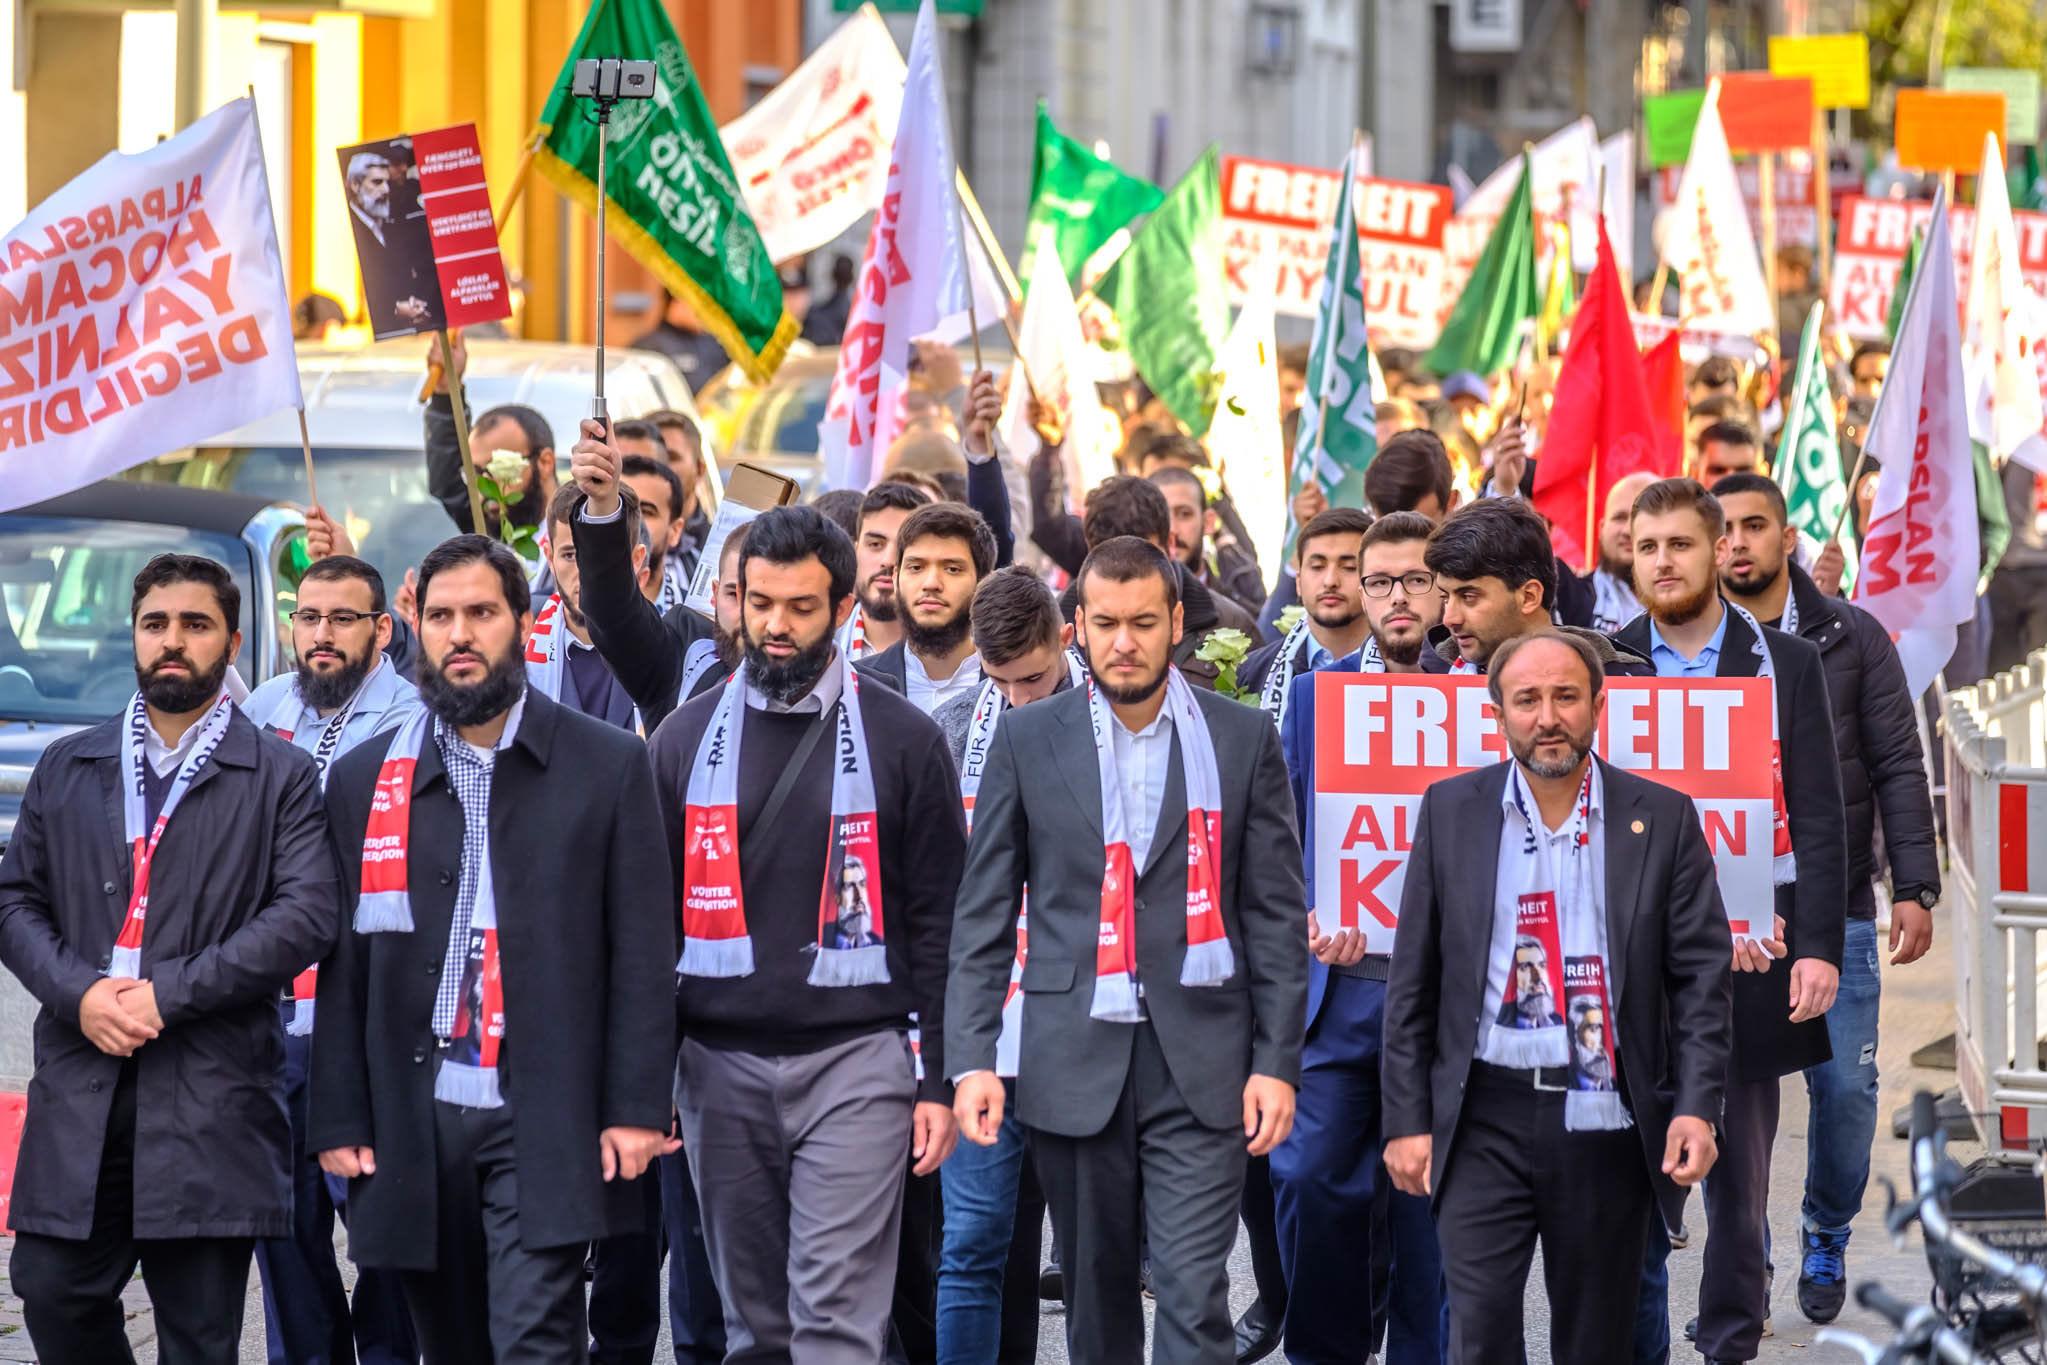 Michael Arning - 2018-10-20 Über 200 Islamisten demonstrieren in Hamburg